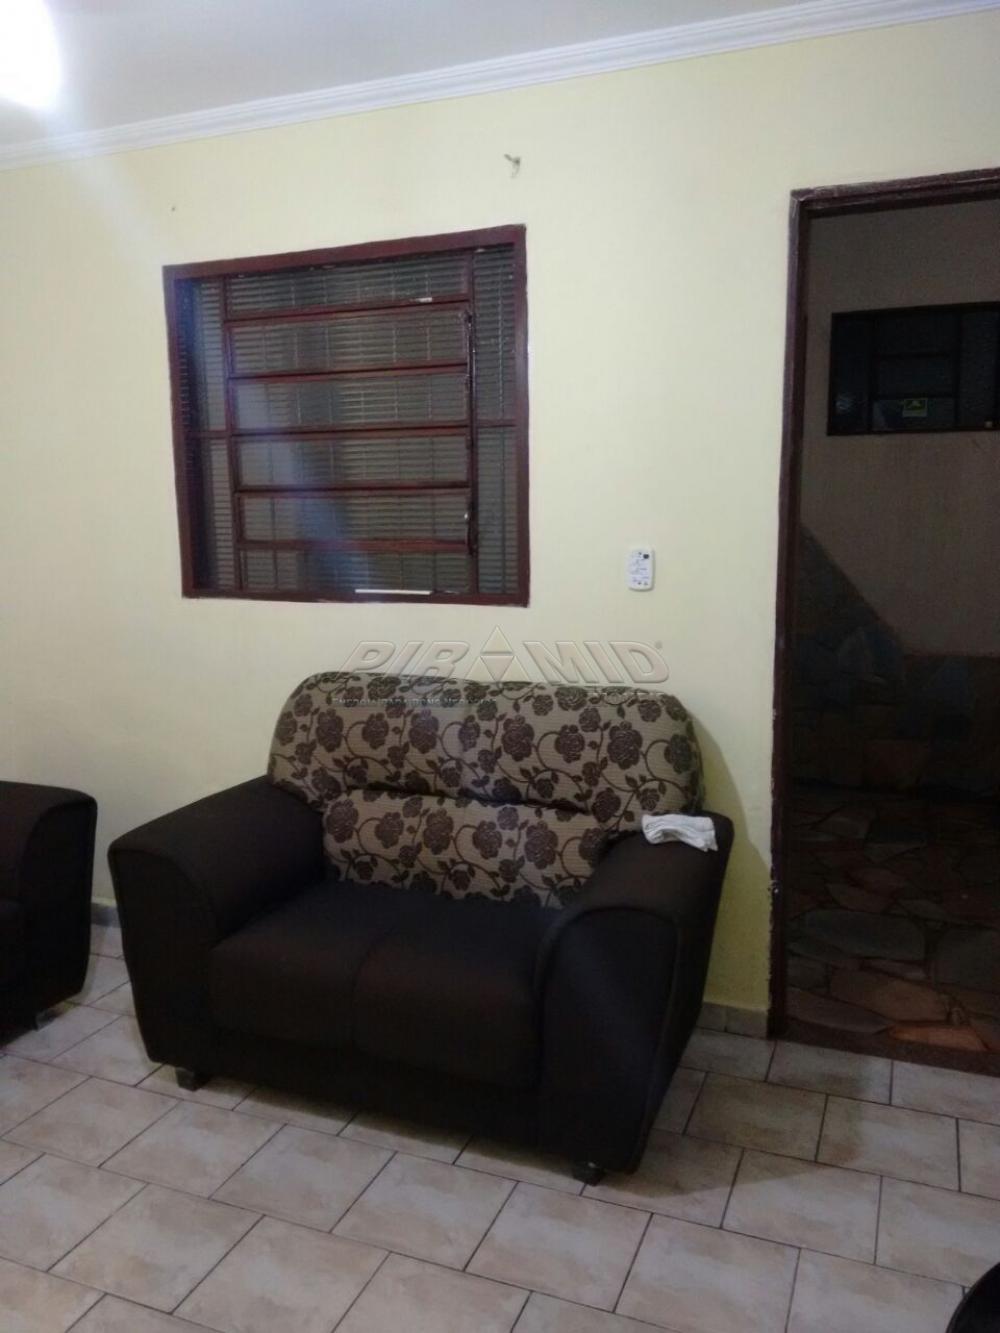 Comprar Casa / Padrão em Ribeirão Preto apenas R$ 210.000,00 - Foto 5